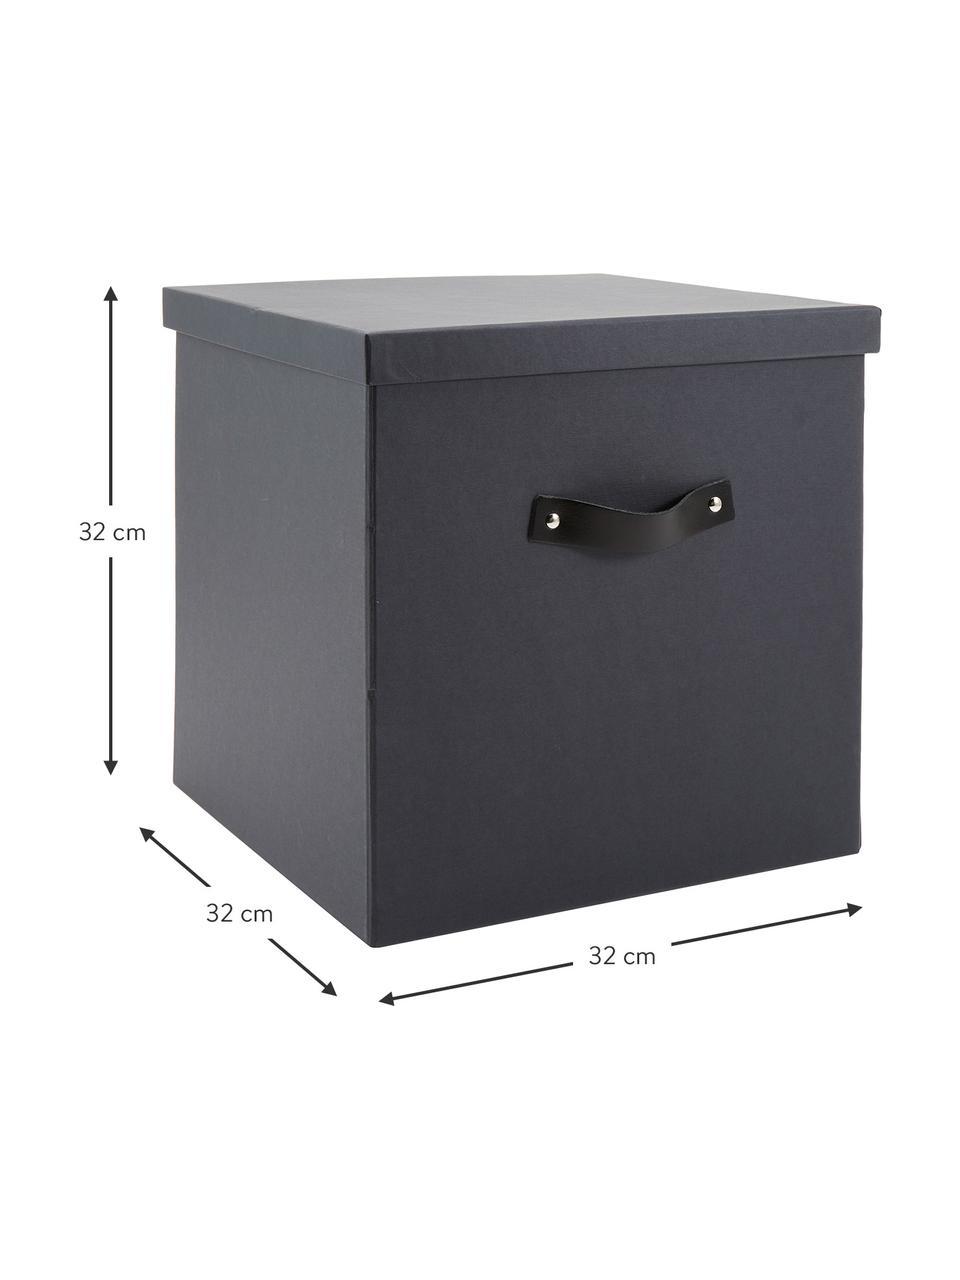 Scatola con coperchio Texas, Scatola: solido, cartone laminato, Manico: pelle, Grigio scuro, Larg. 32 x Alt. 32 cm